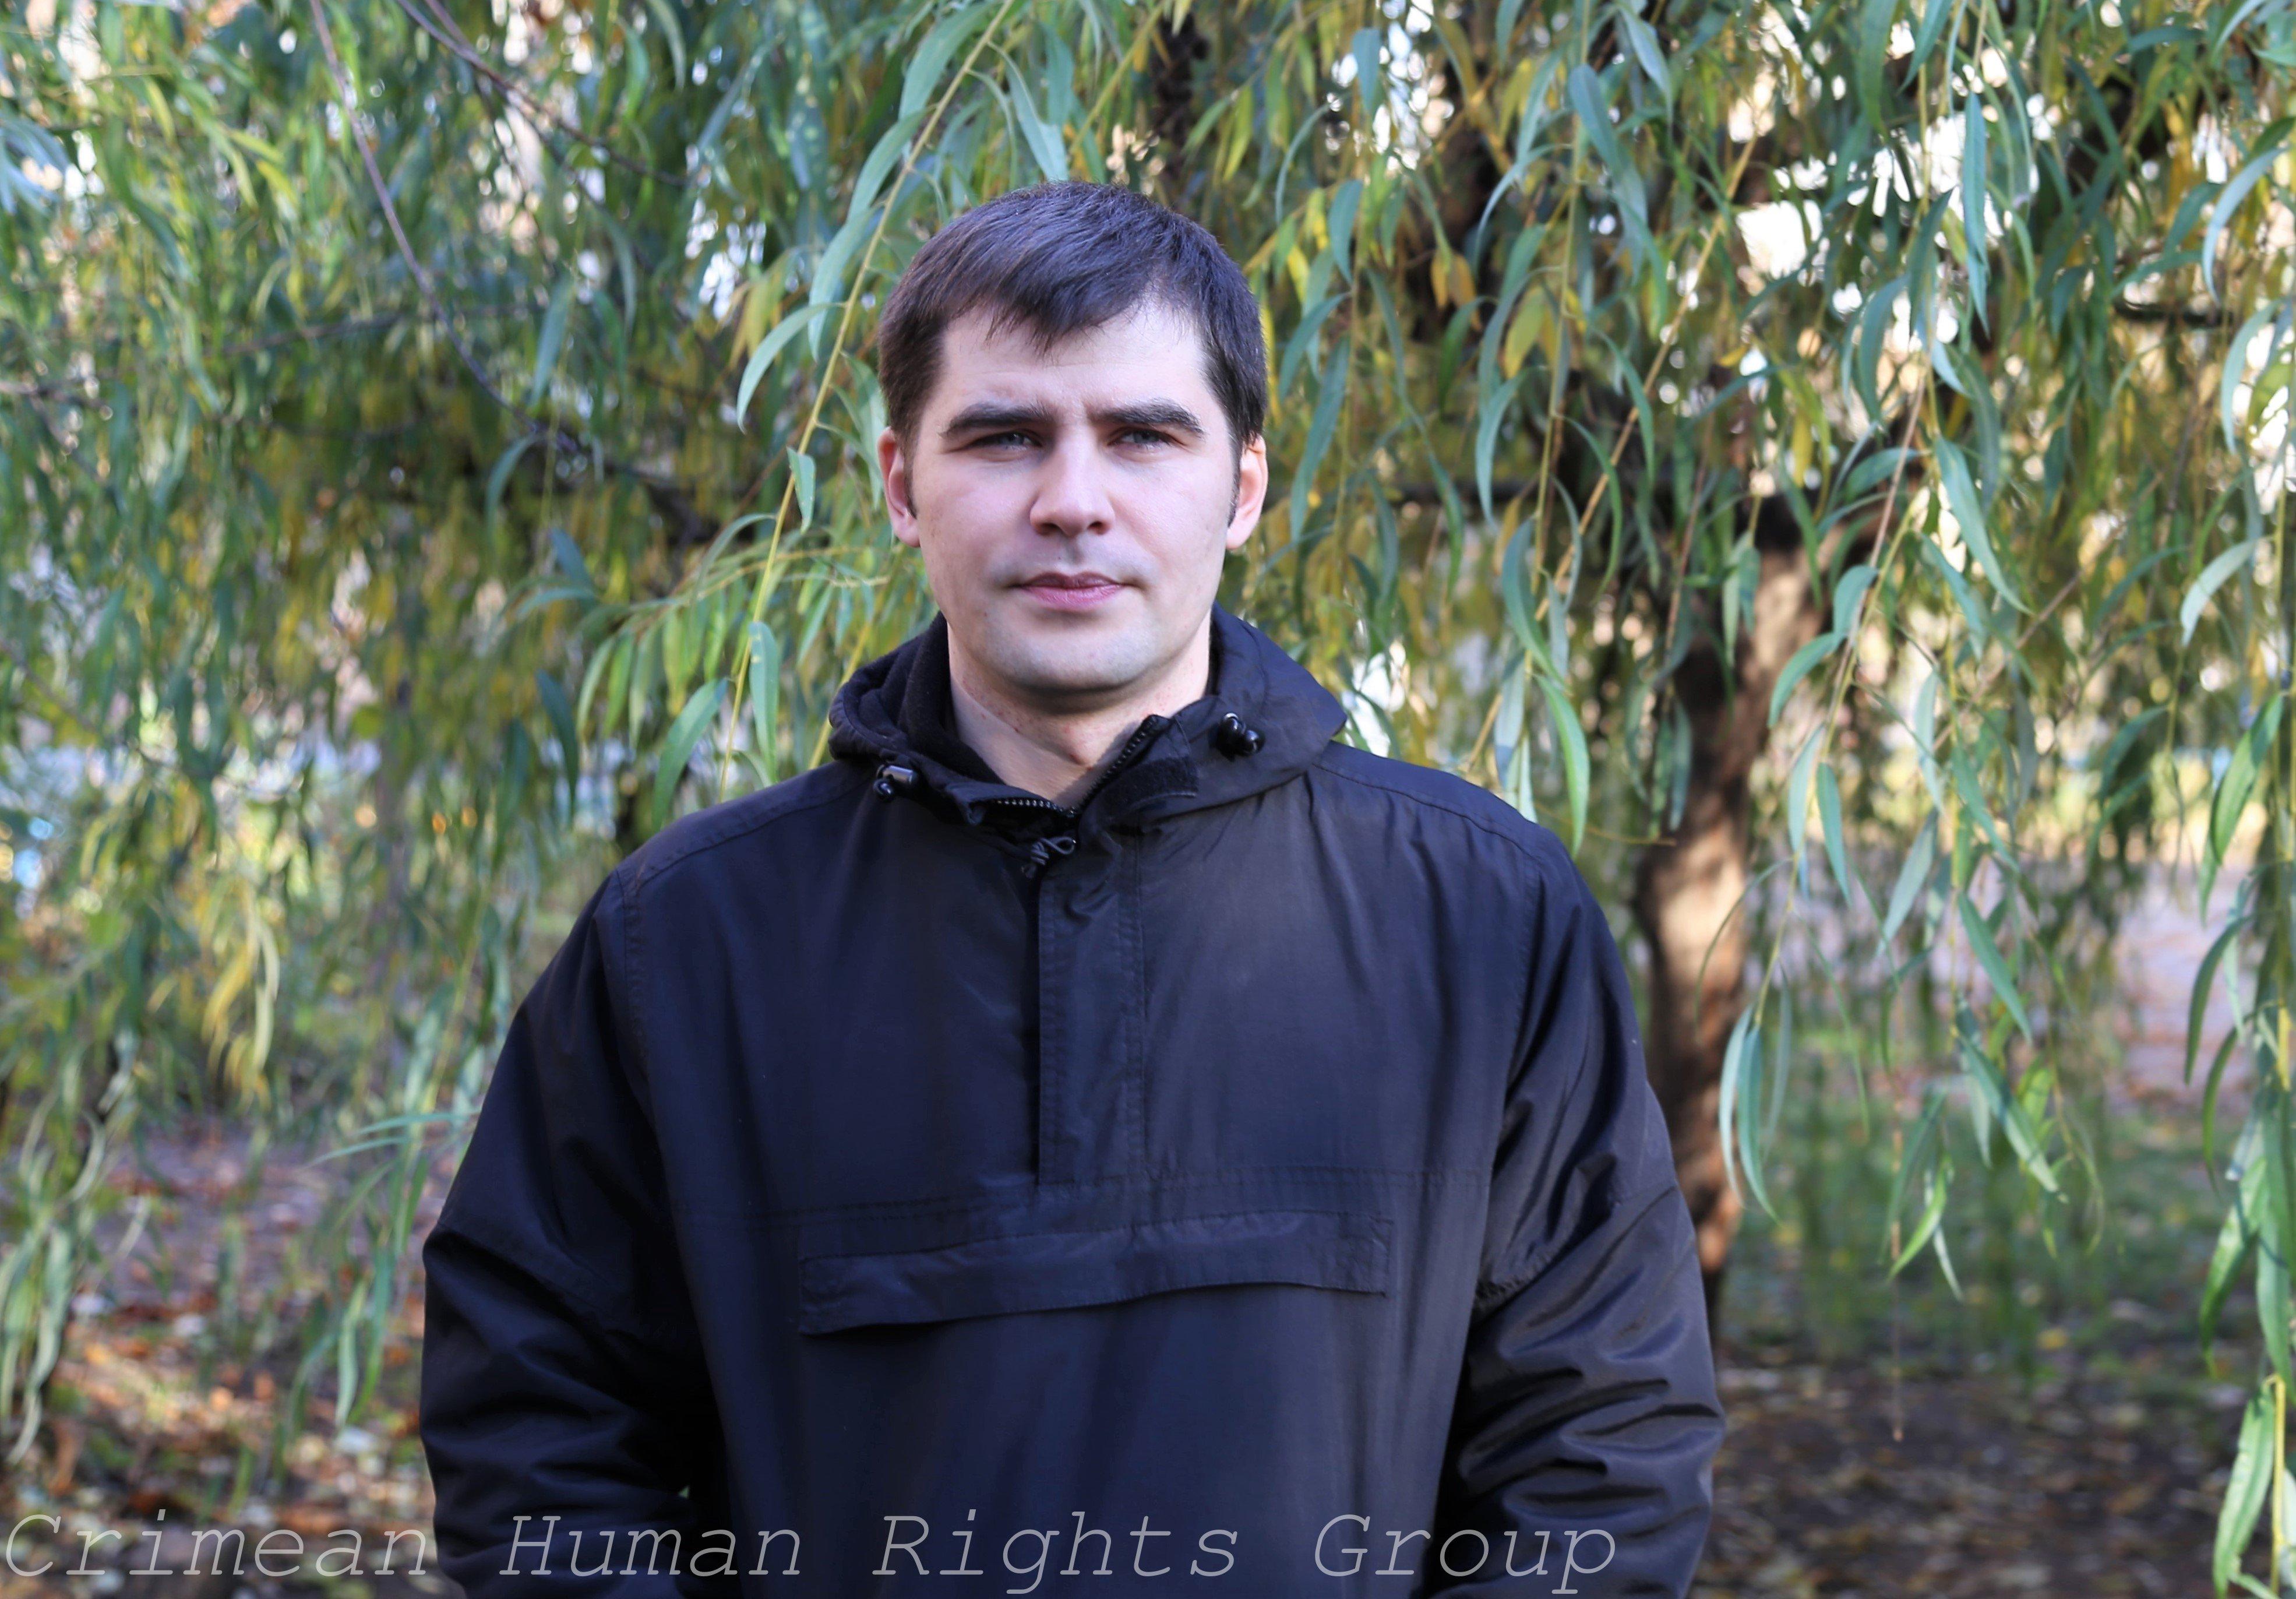 Пускали ток через уши, избивали до переломов, — Александр Костенко рассказал о зверских пытках в Крыму